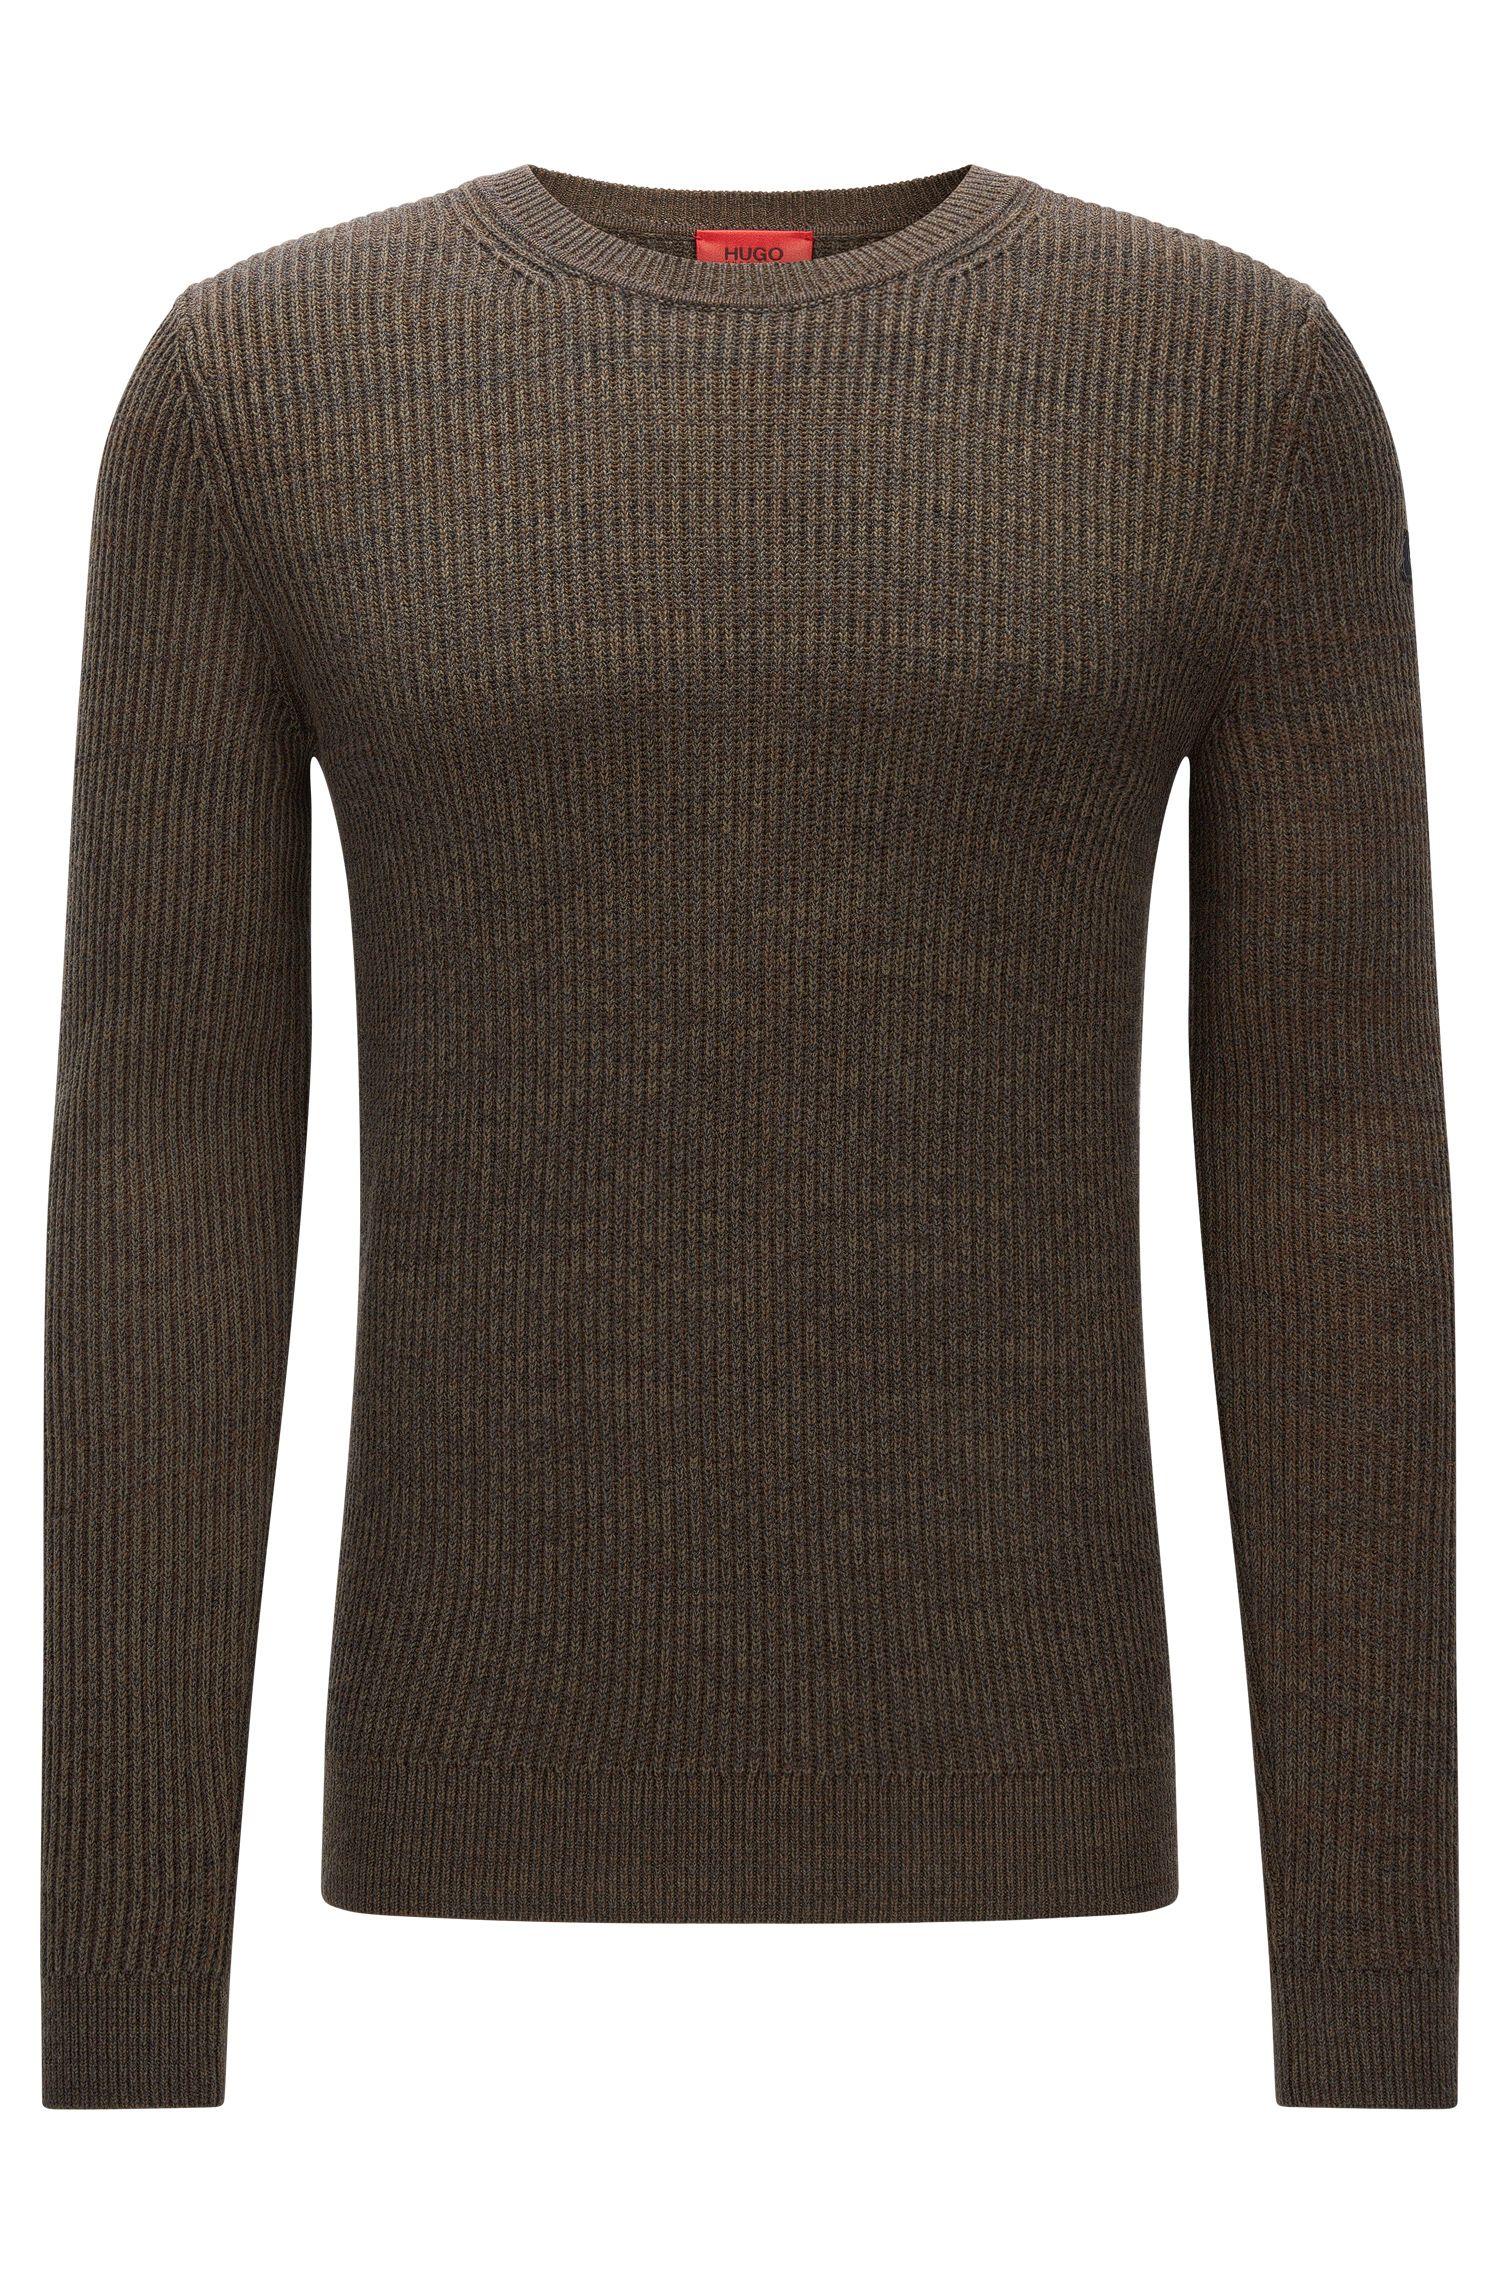 Gerippter Slim-Fit-Pullover aus Baumwoll-Schurwoll-Mix